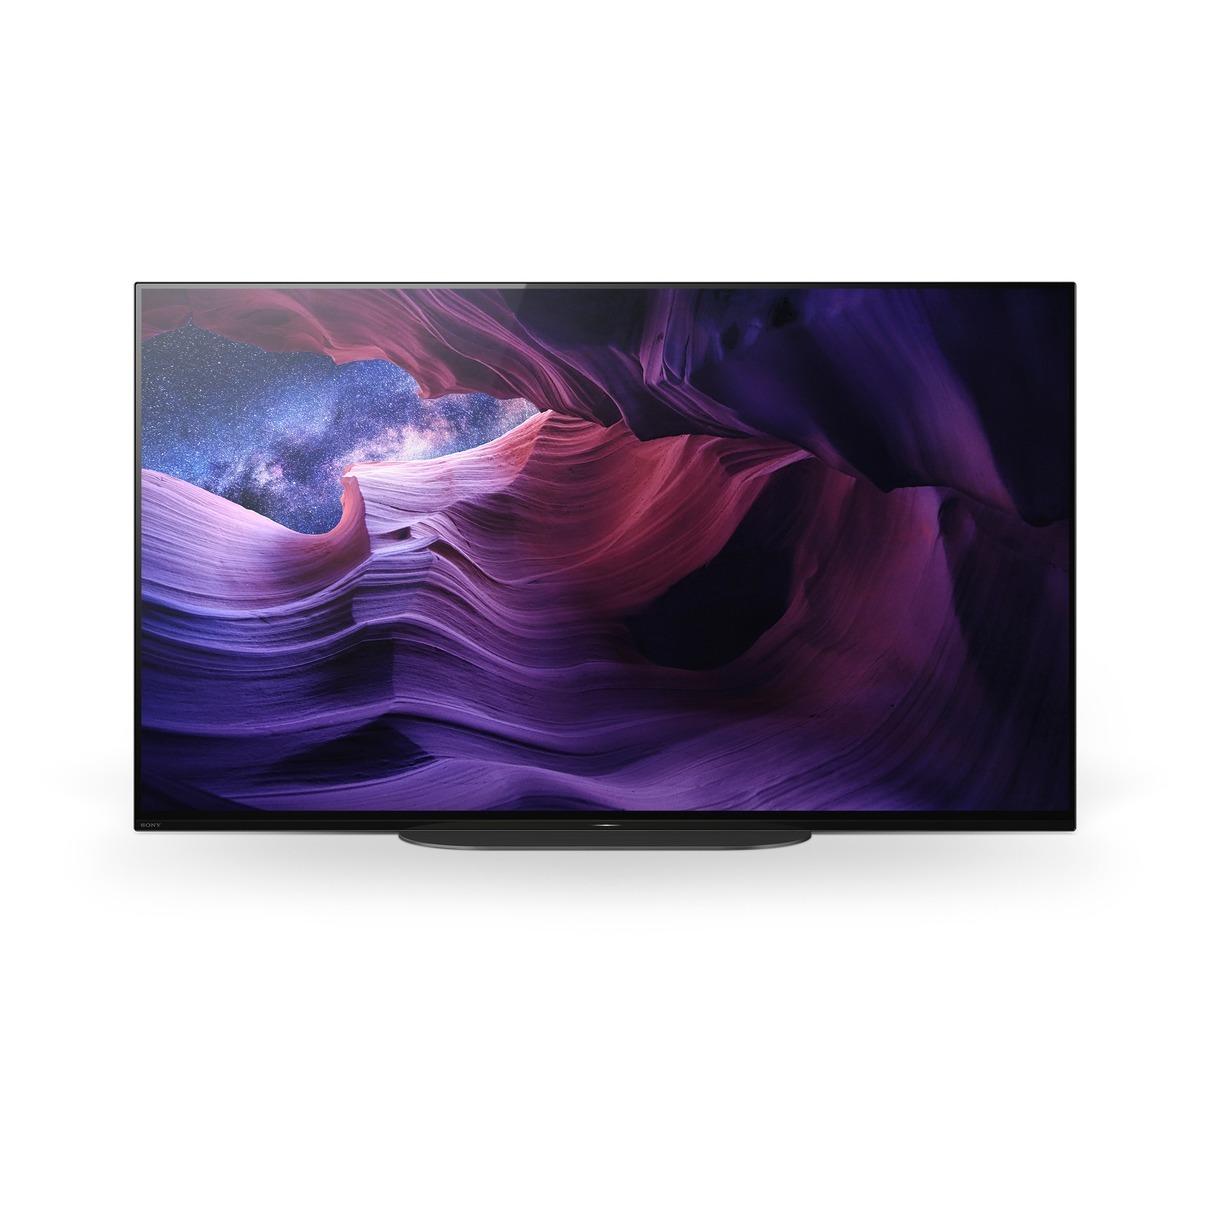 Sony 4K Ultra HD OLED TV KE48A9 (2020)